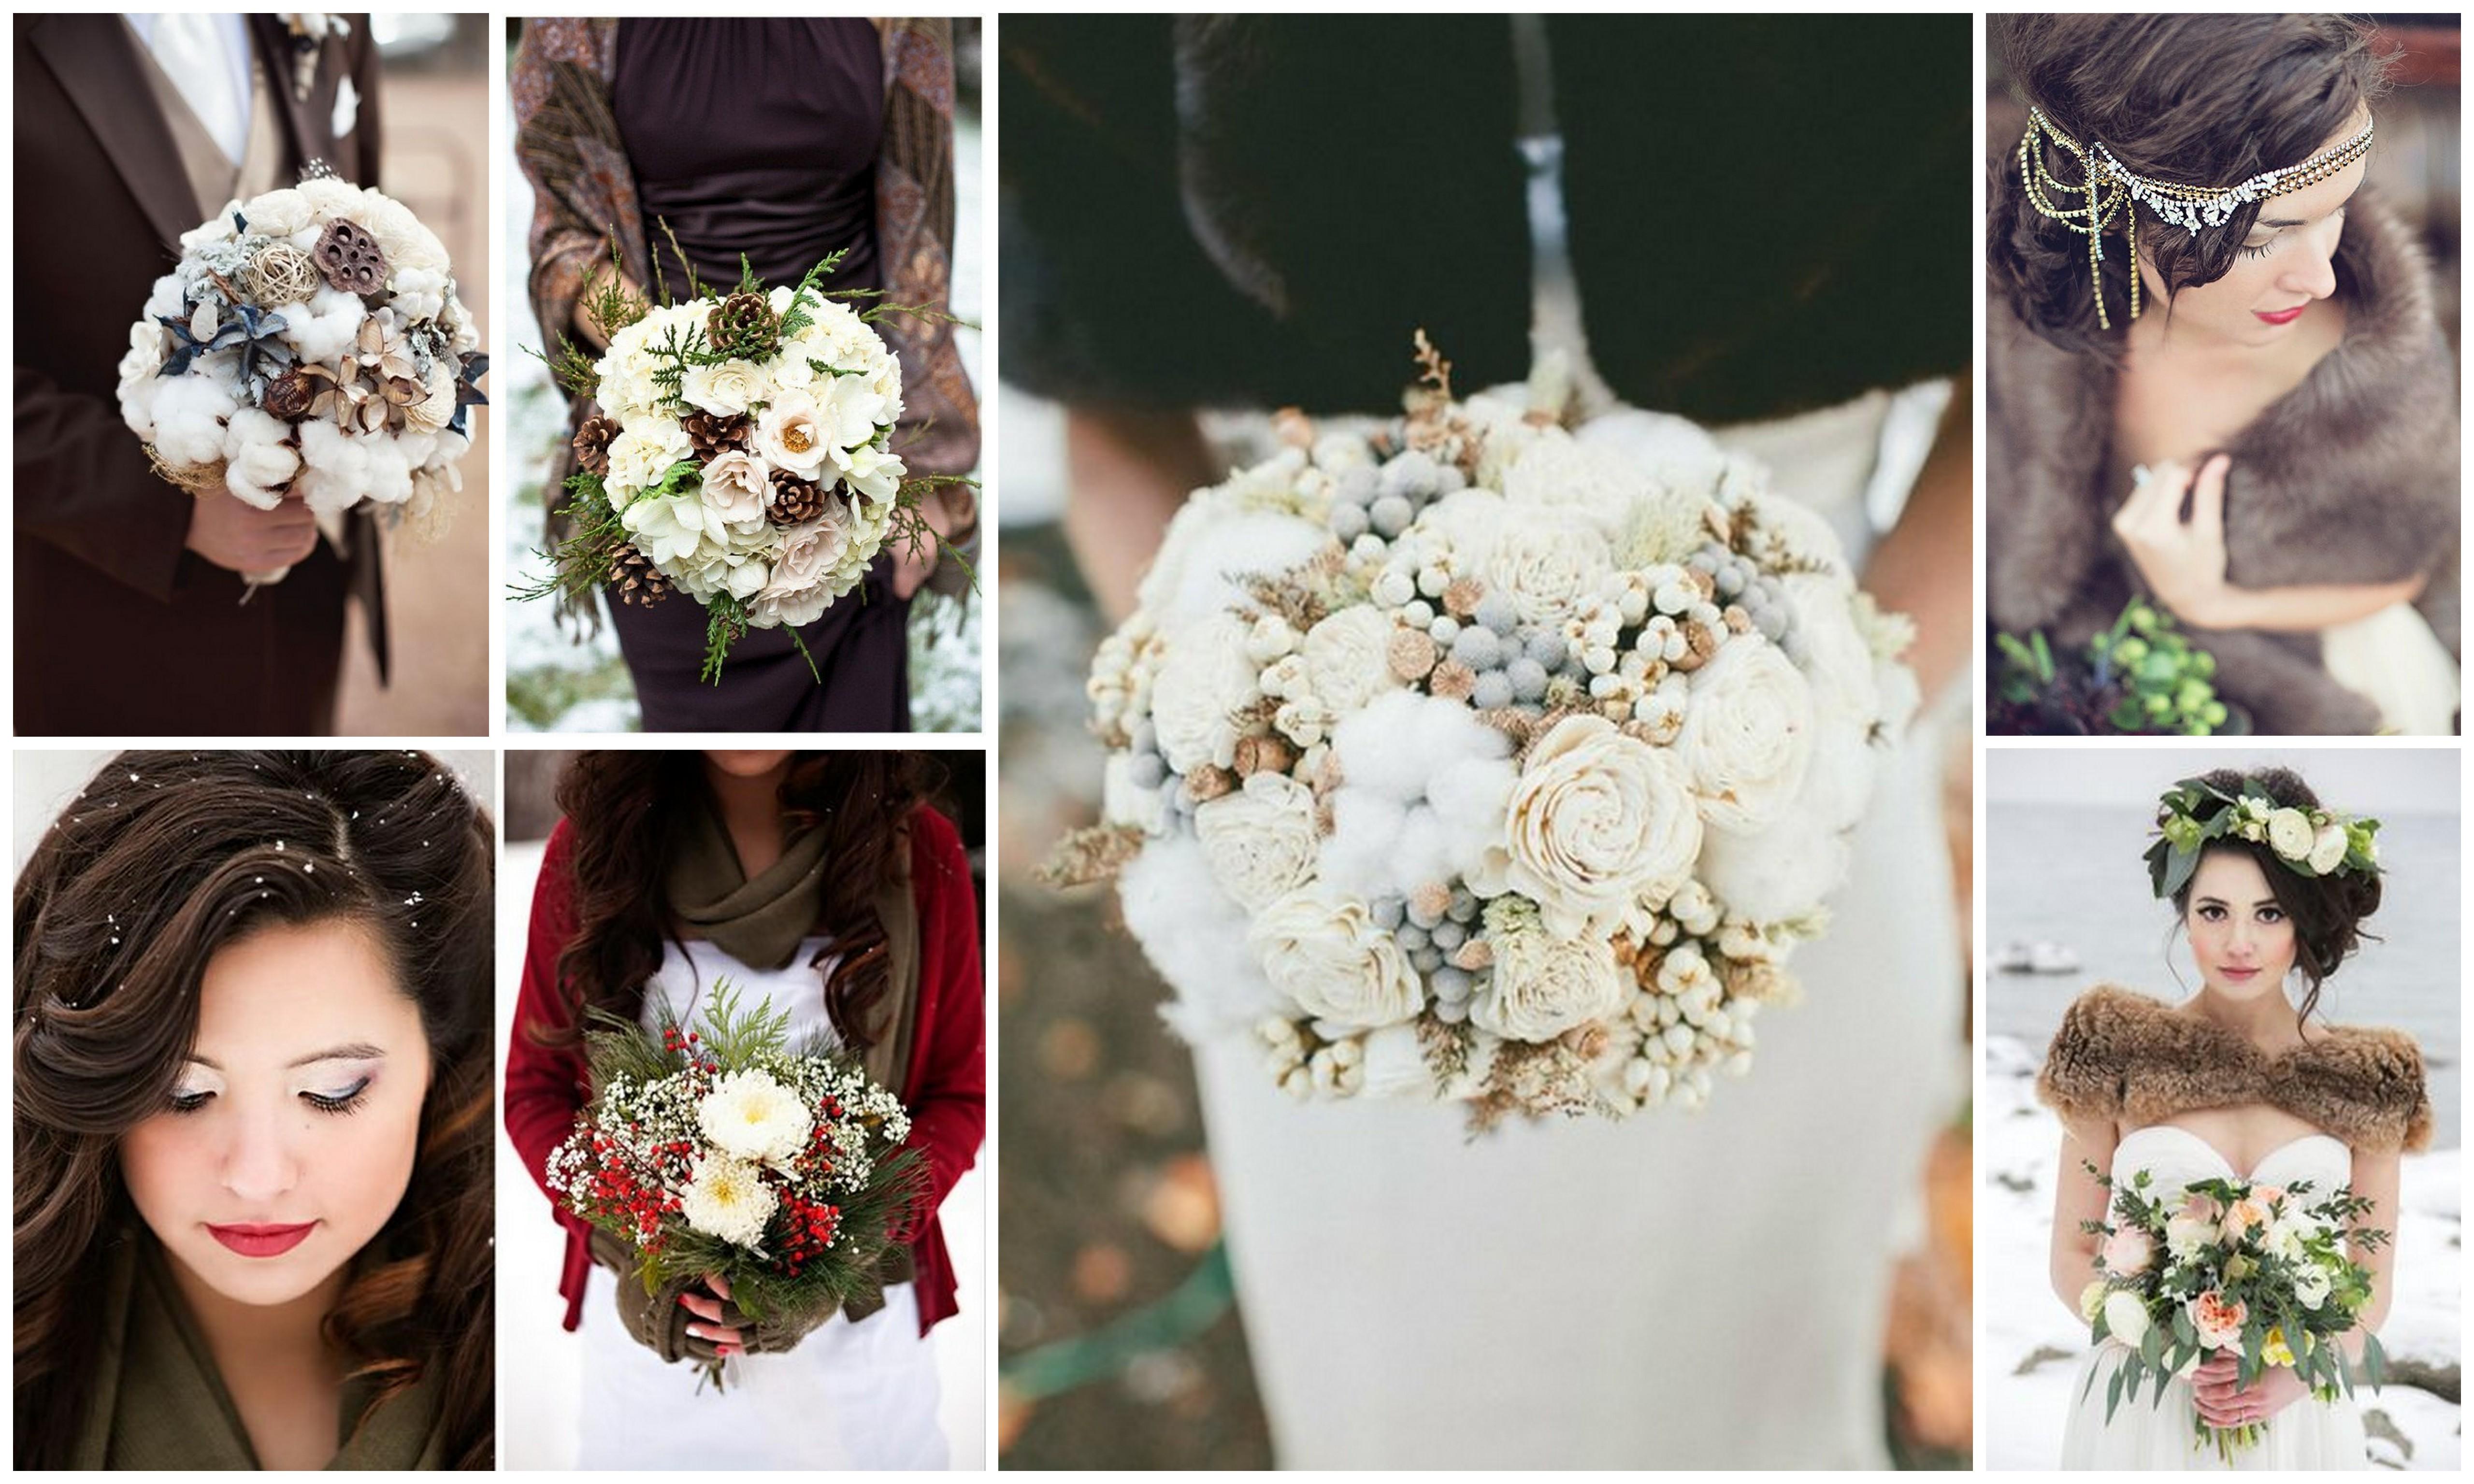 свадебный макияж, прическа, букет,свадебная фотосессия зимой.